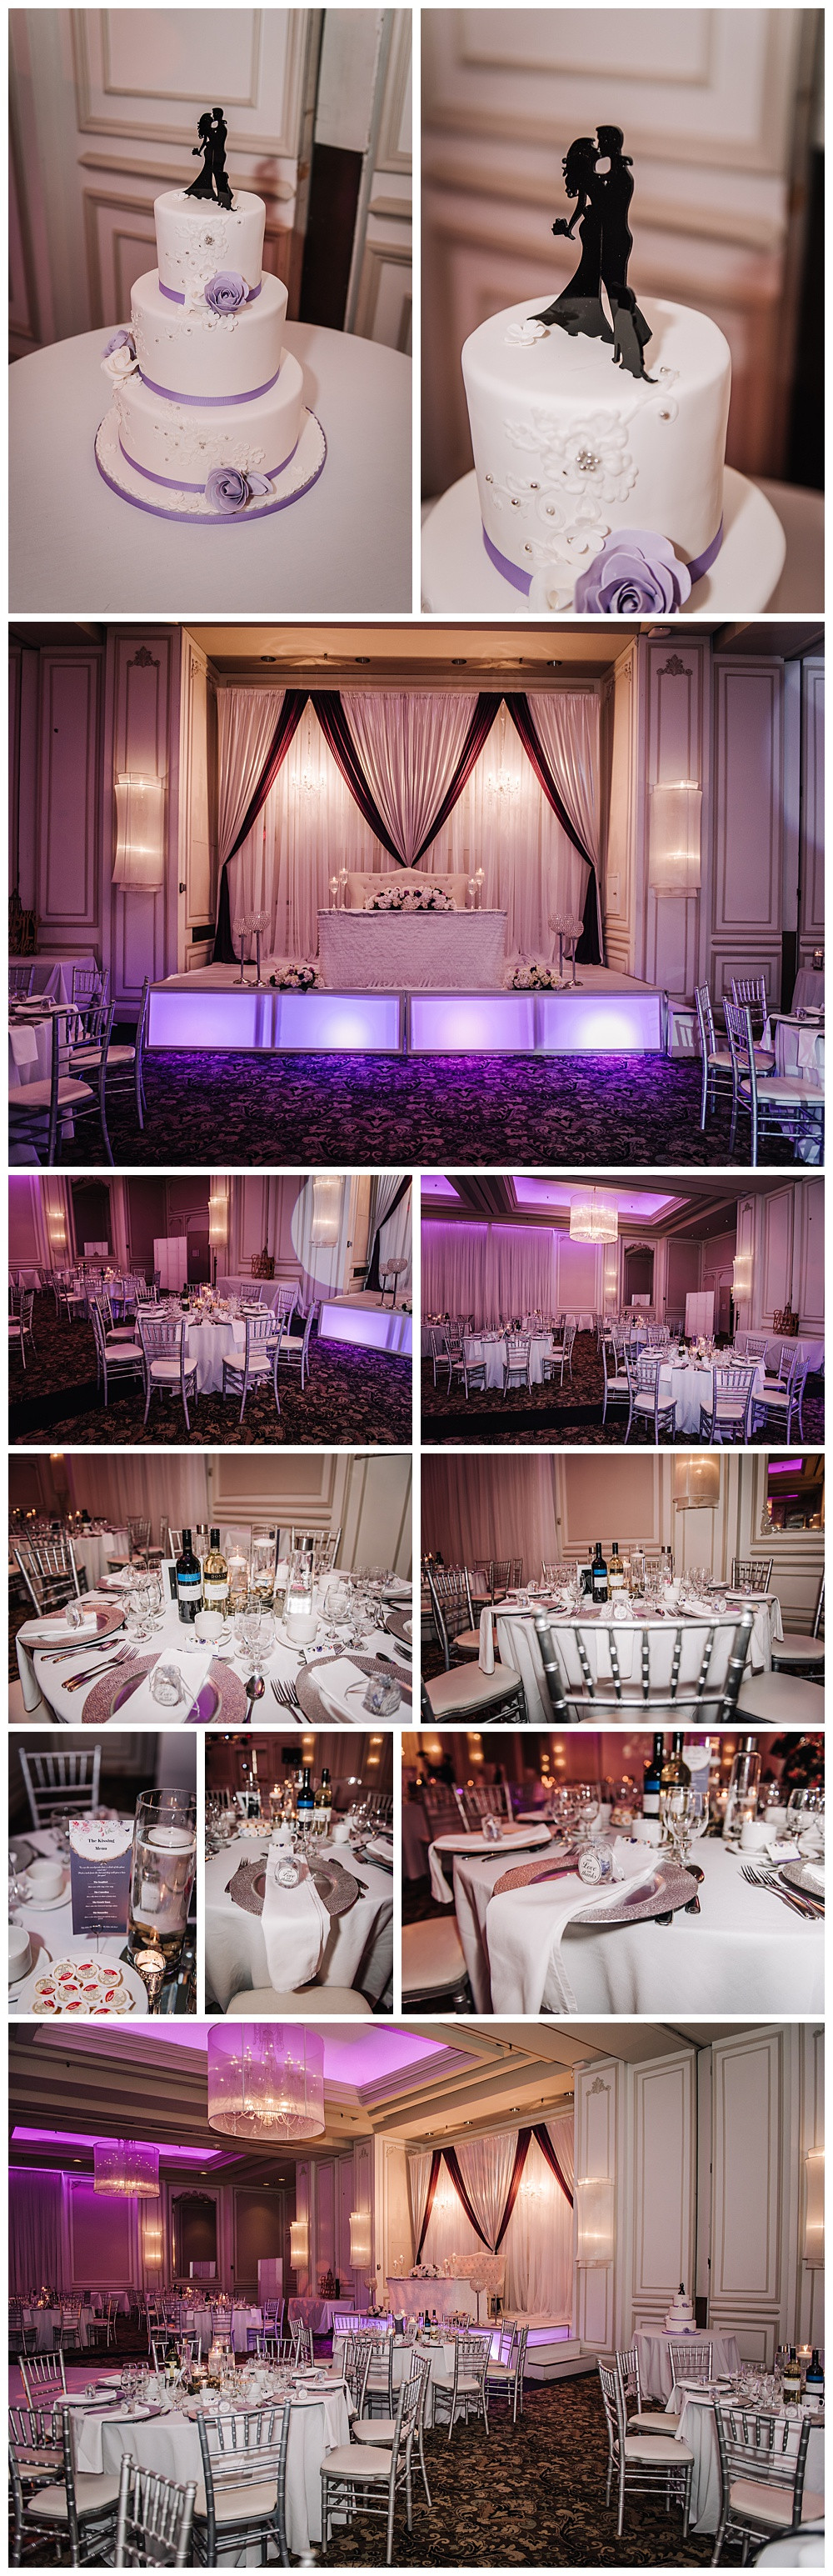 Sala Gatineau, Cake, Table Details, Room Details, Reception Details